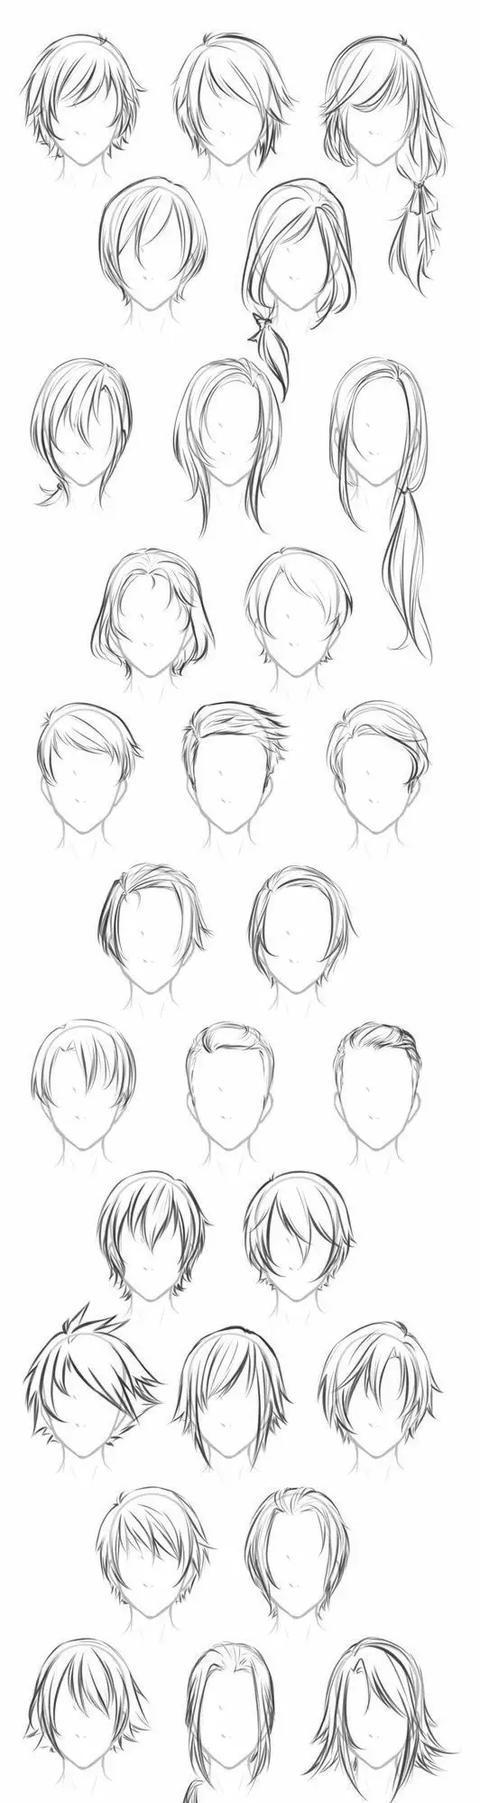 有了头部,必须得绘画头发,头发的多种类型分析,长发,短发,卷发外轮廓